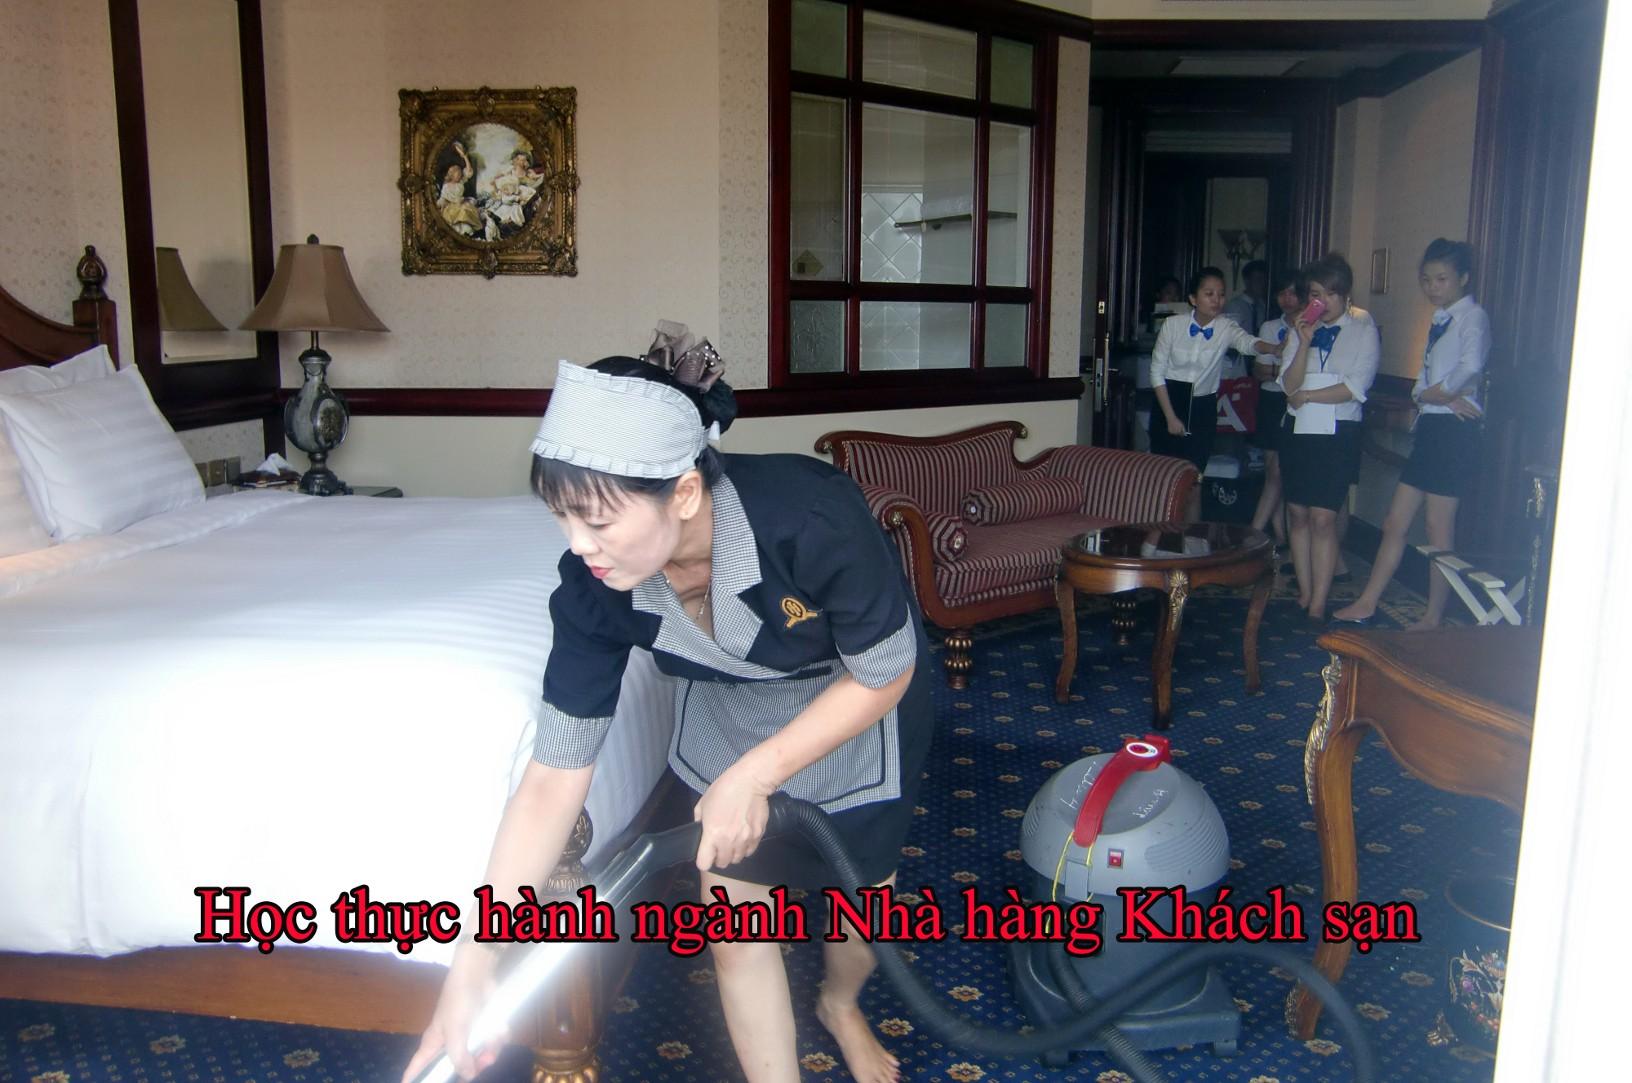 Các thông tin về ngành nghiệp vụ nhà hàng khách sạn